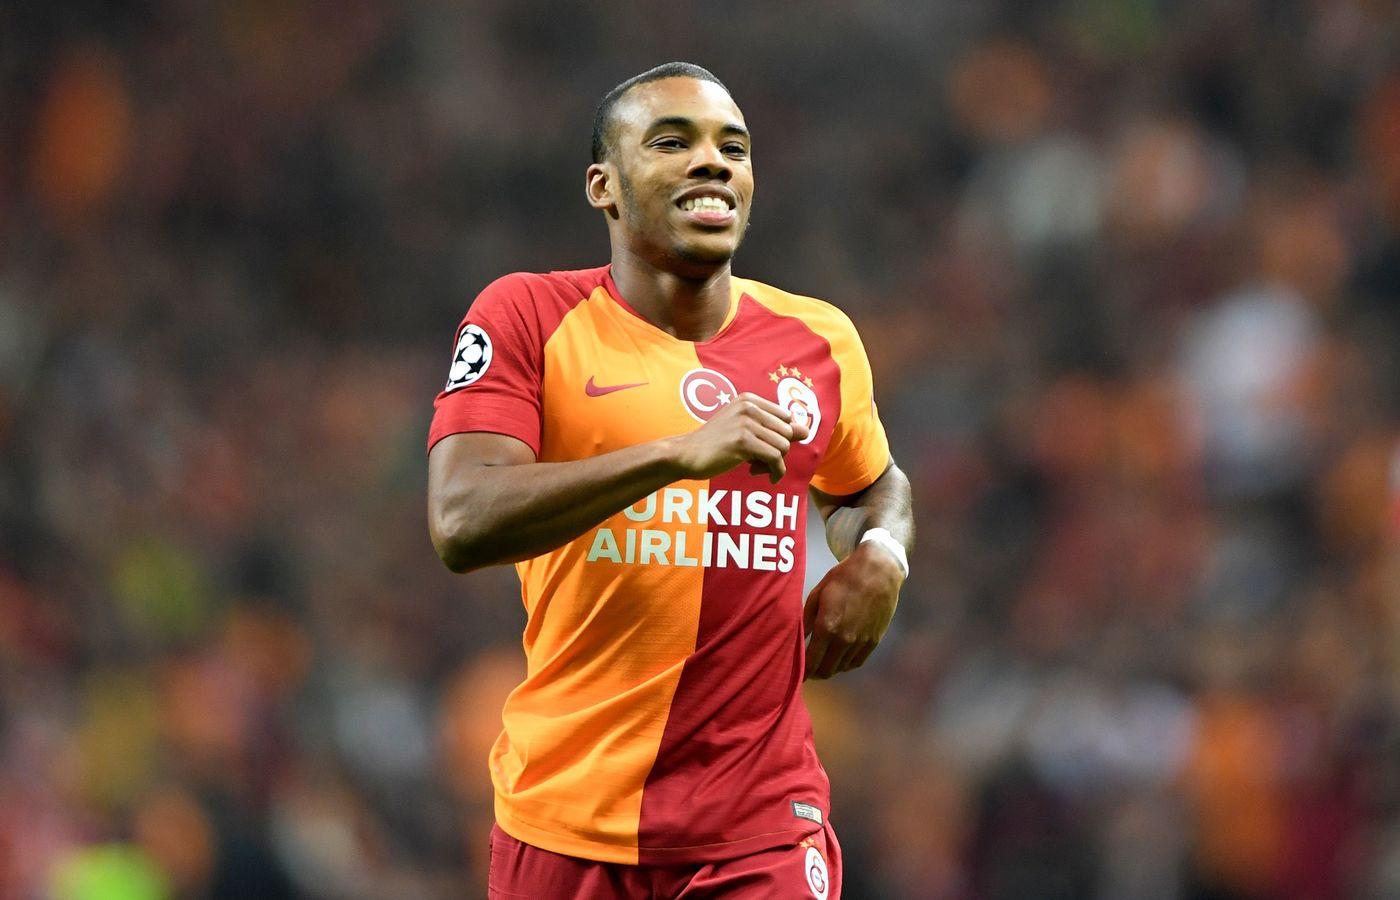 Turchia Super Lig 11 maggio: analisi e pronostico della giornata della massima divisione calcistica turca